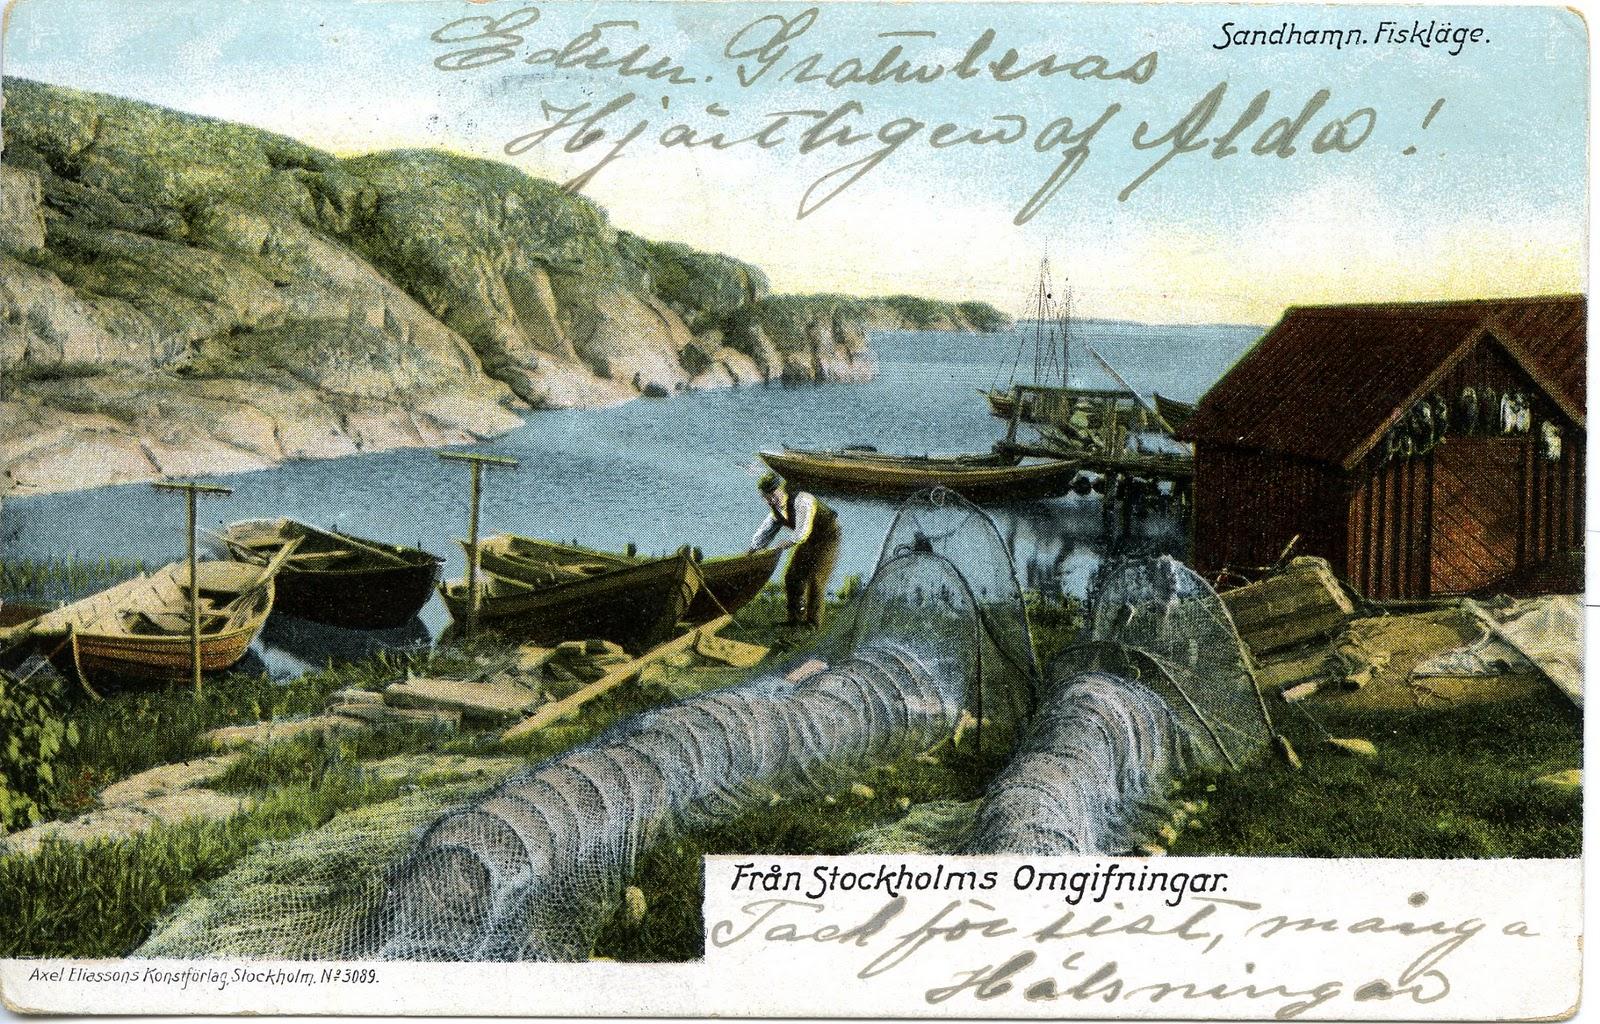 Axel eliassons konstf rlag postcards nr 3089 fr n for Elias v fishing